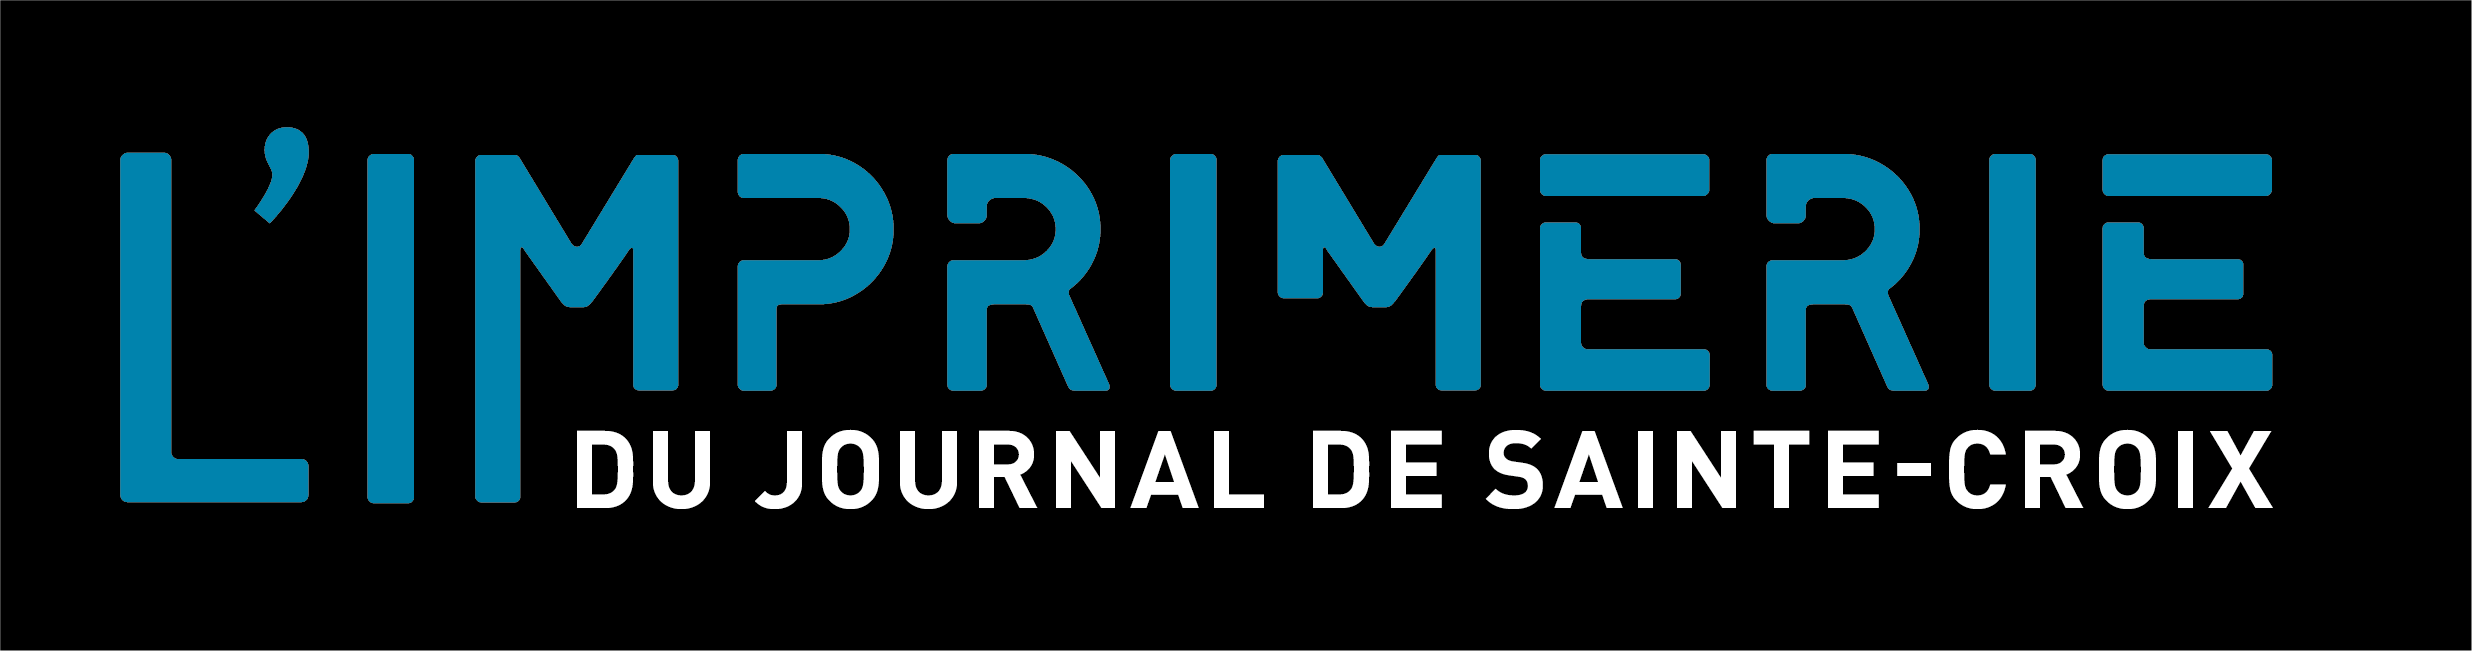 Imprimerie du Journal de Sainte-Croix